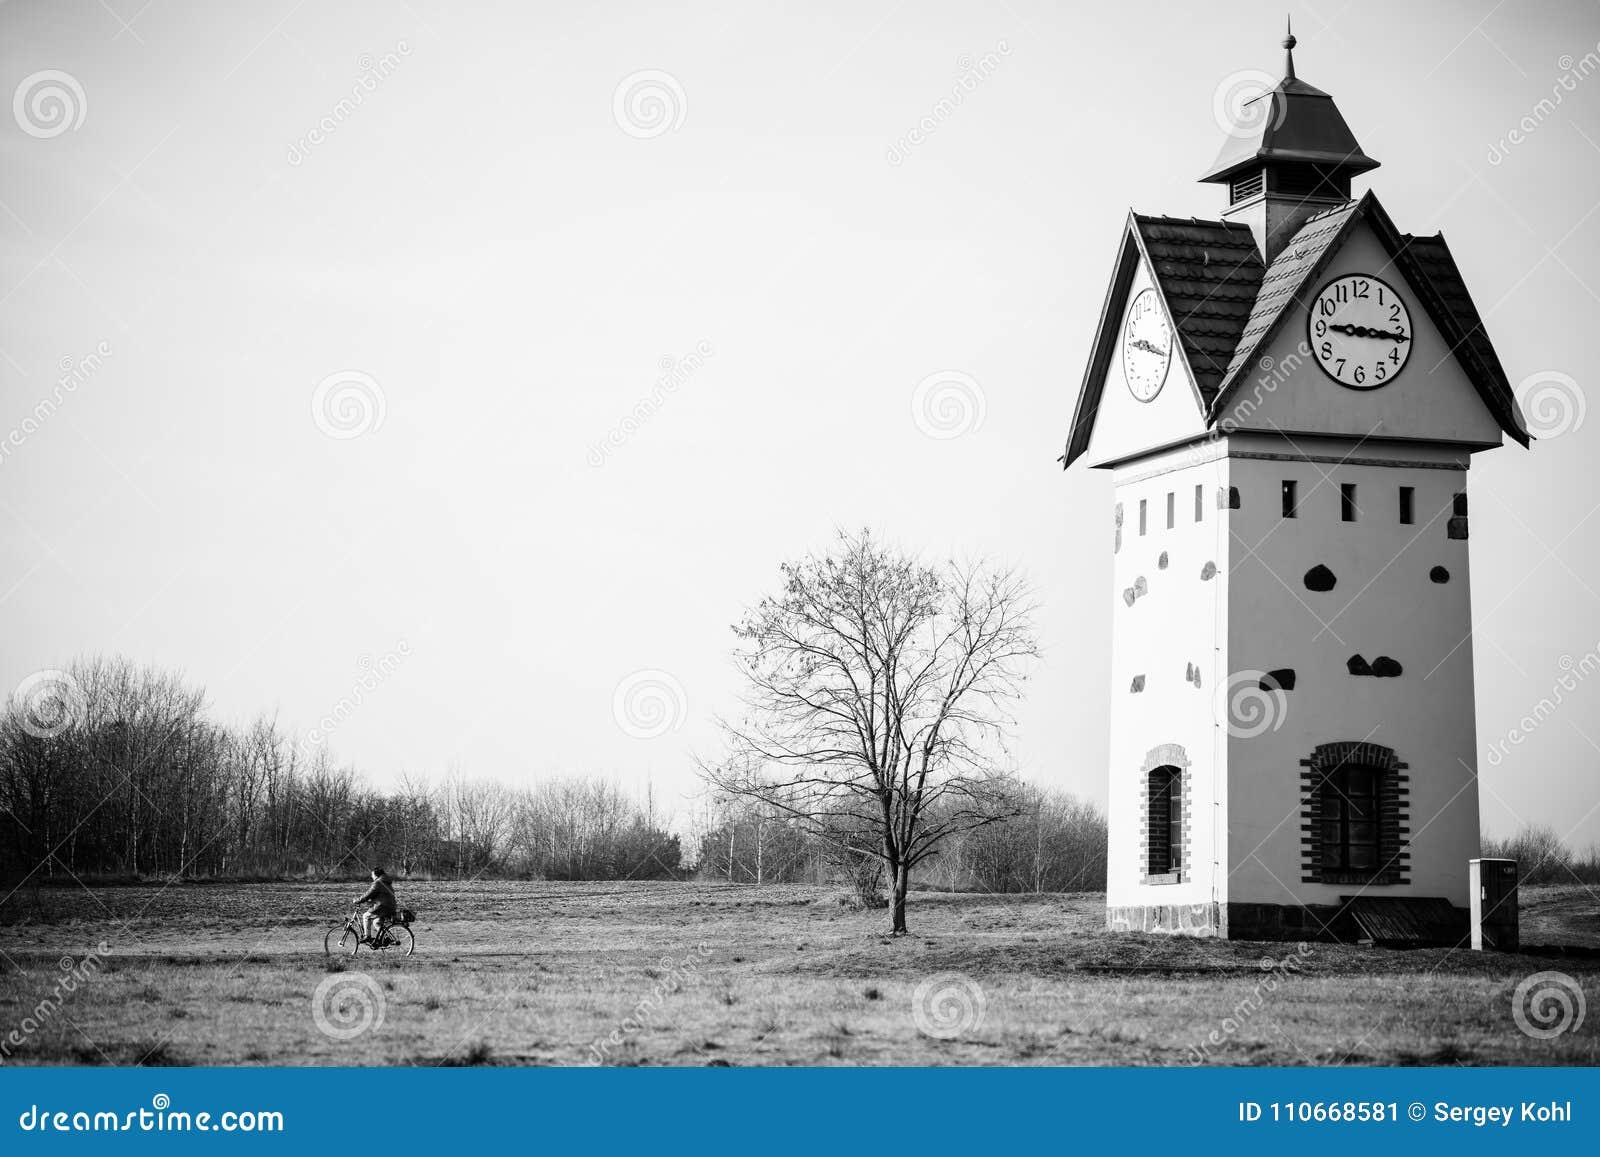 尖沙咀钟楼在其中一个德国- Gielsdorf的阿尔特兰茨贝尔格最旧的村庄中